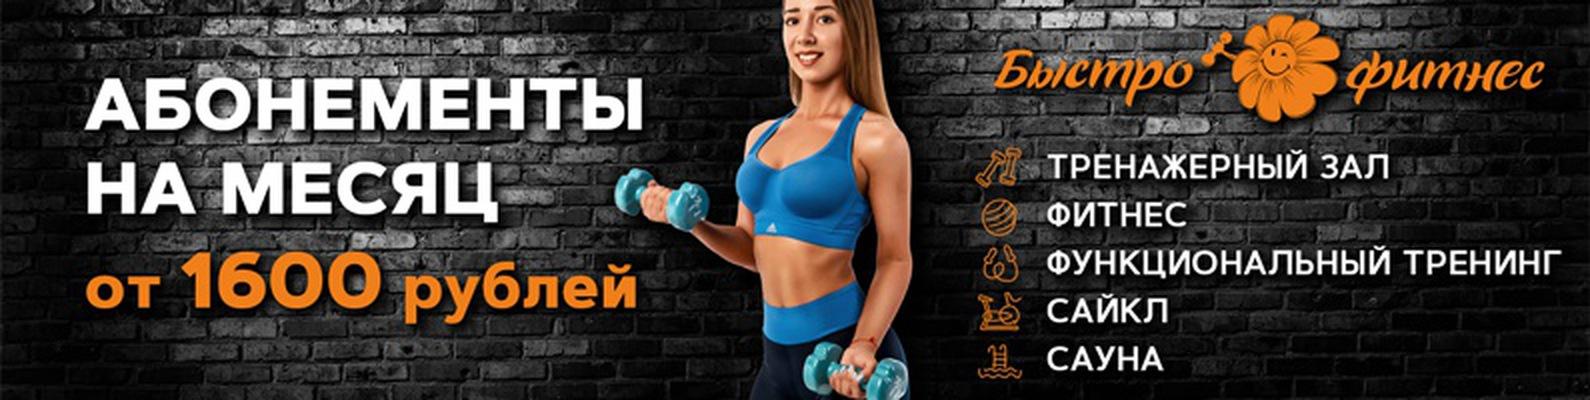 Тренажеры, которые помогут похудеть быстро фитнес леди mail. Ru.